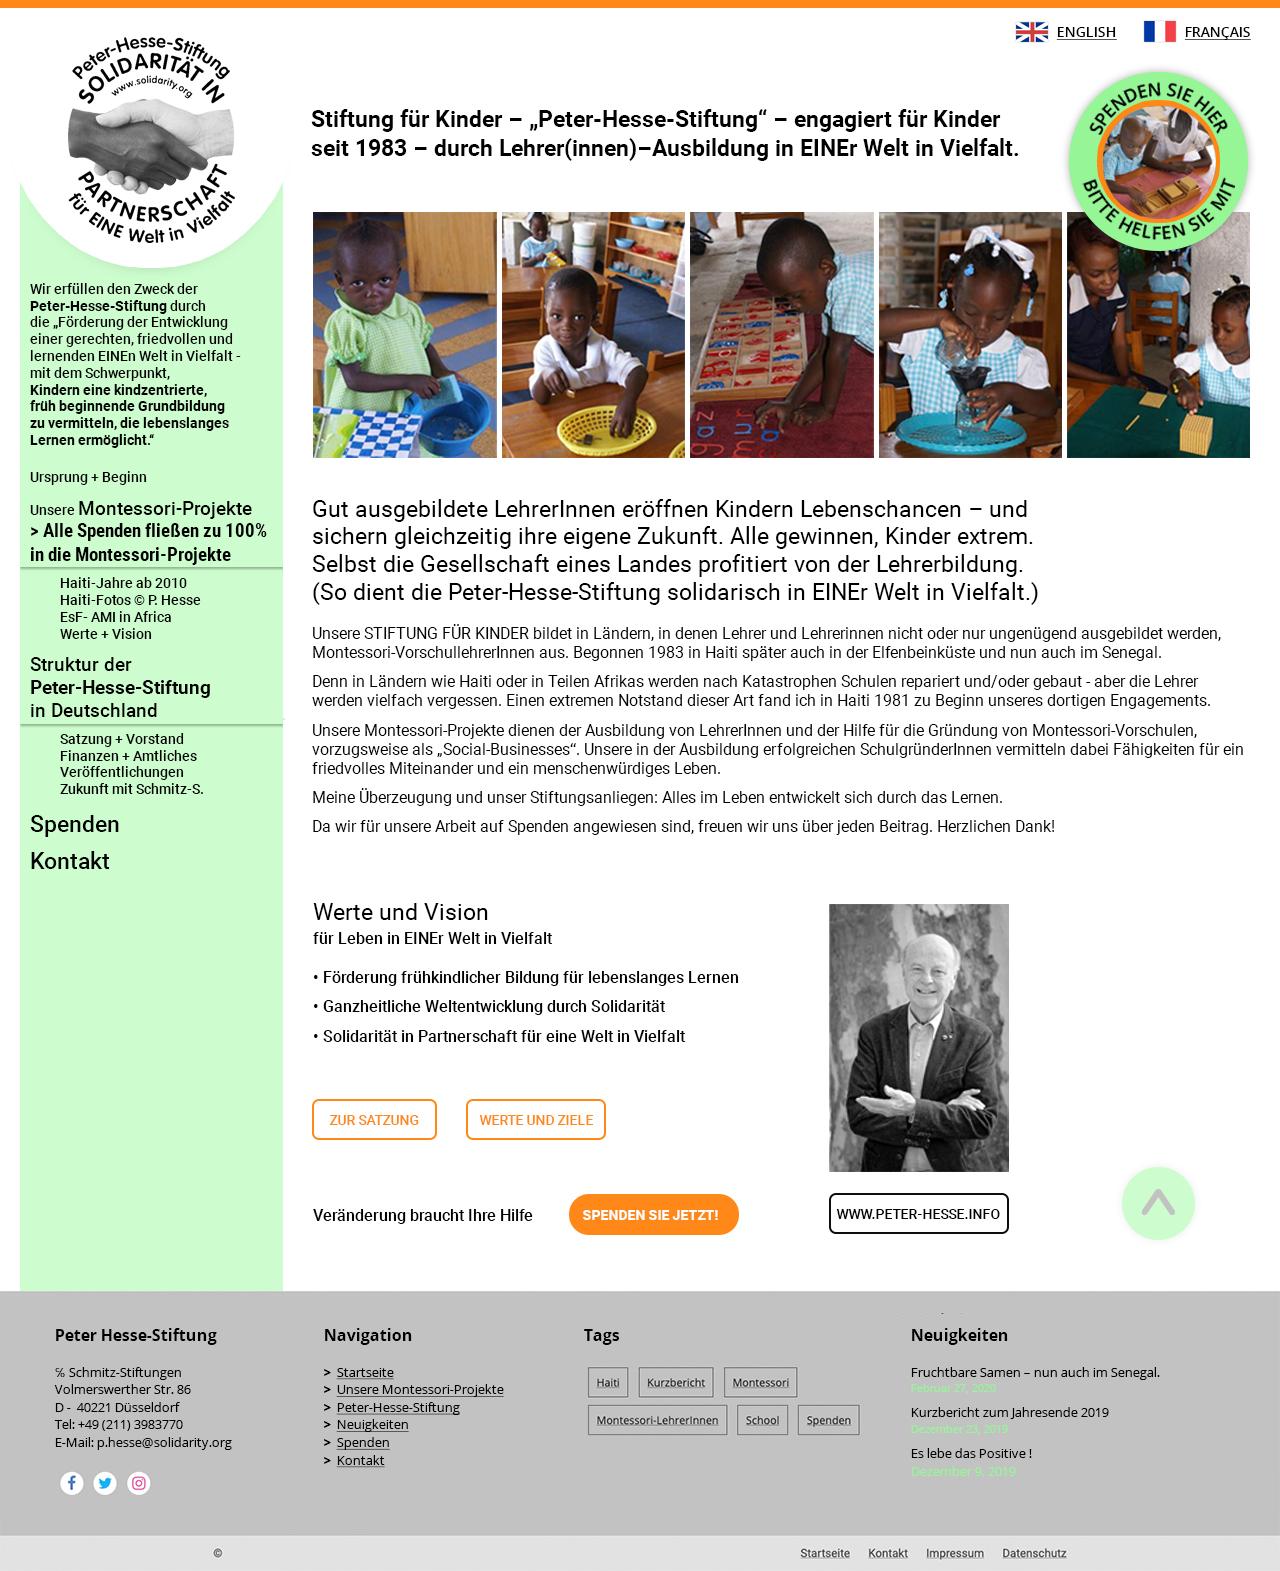 Peter-Hesse-Stiftung für Kinder